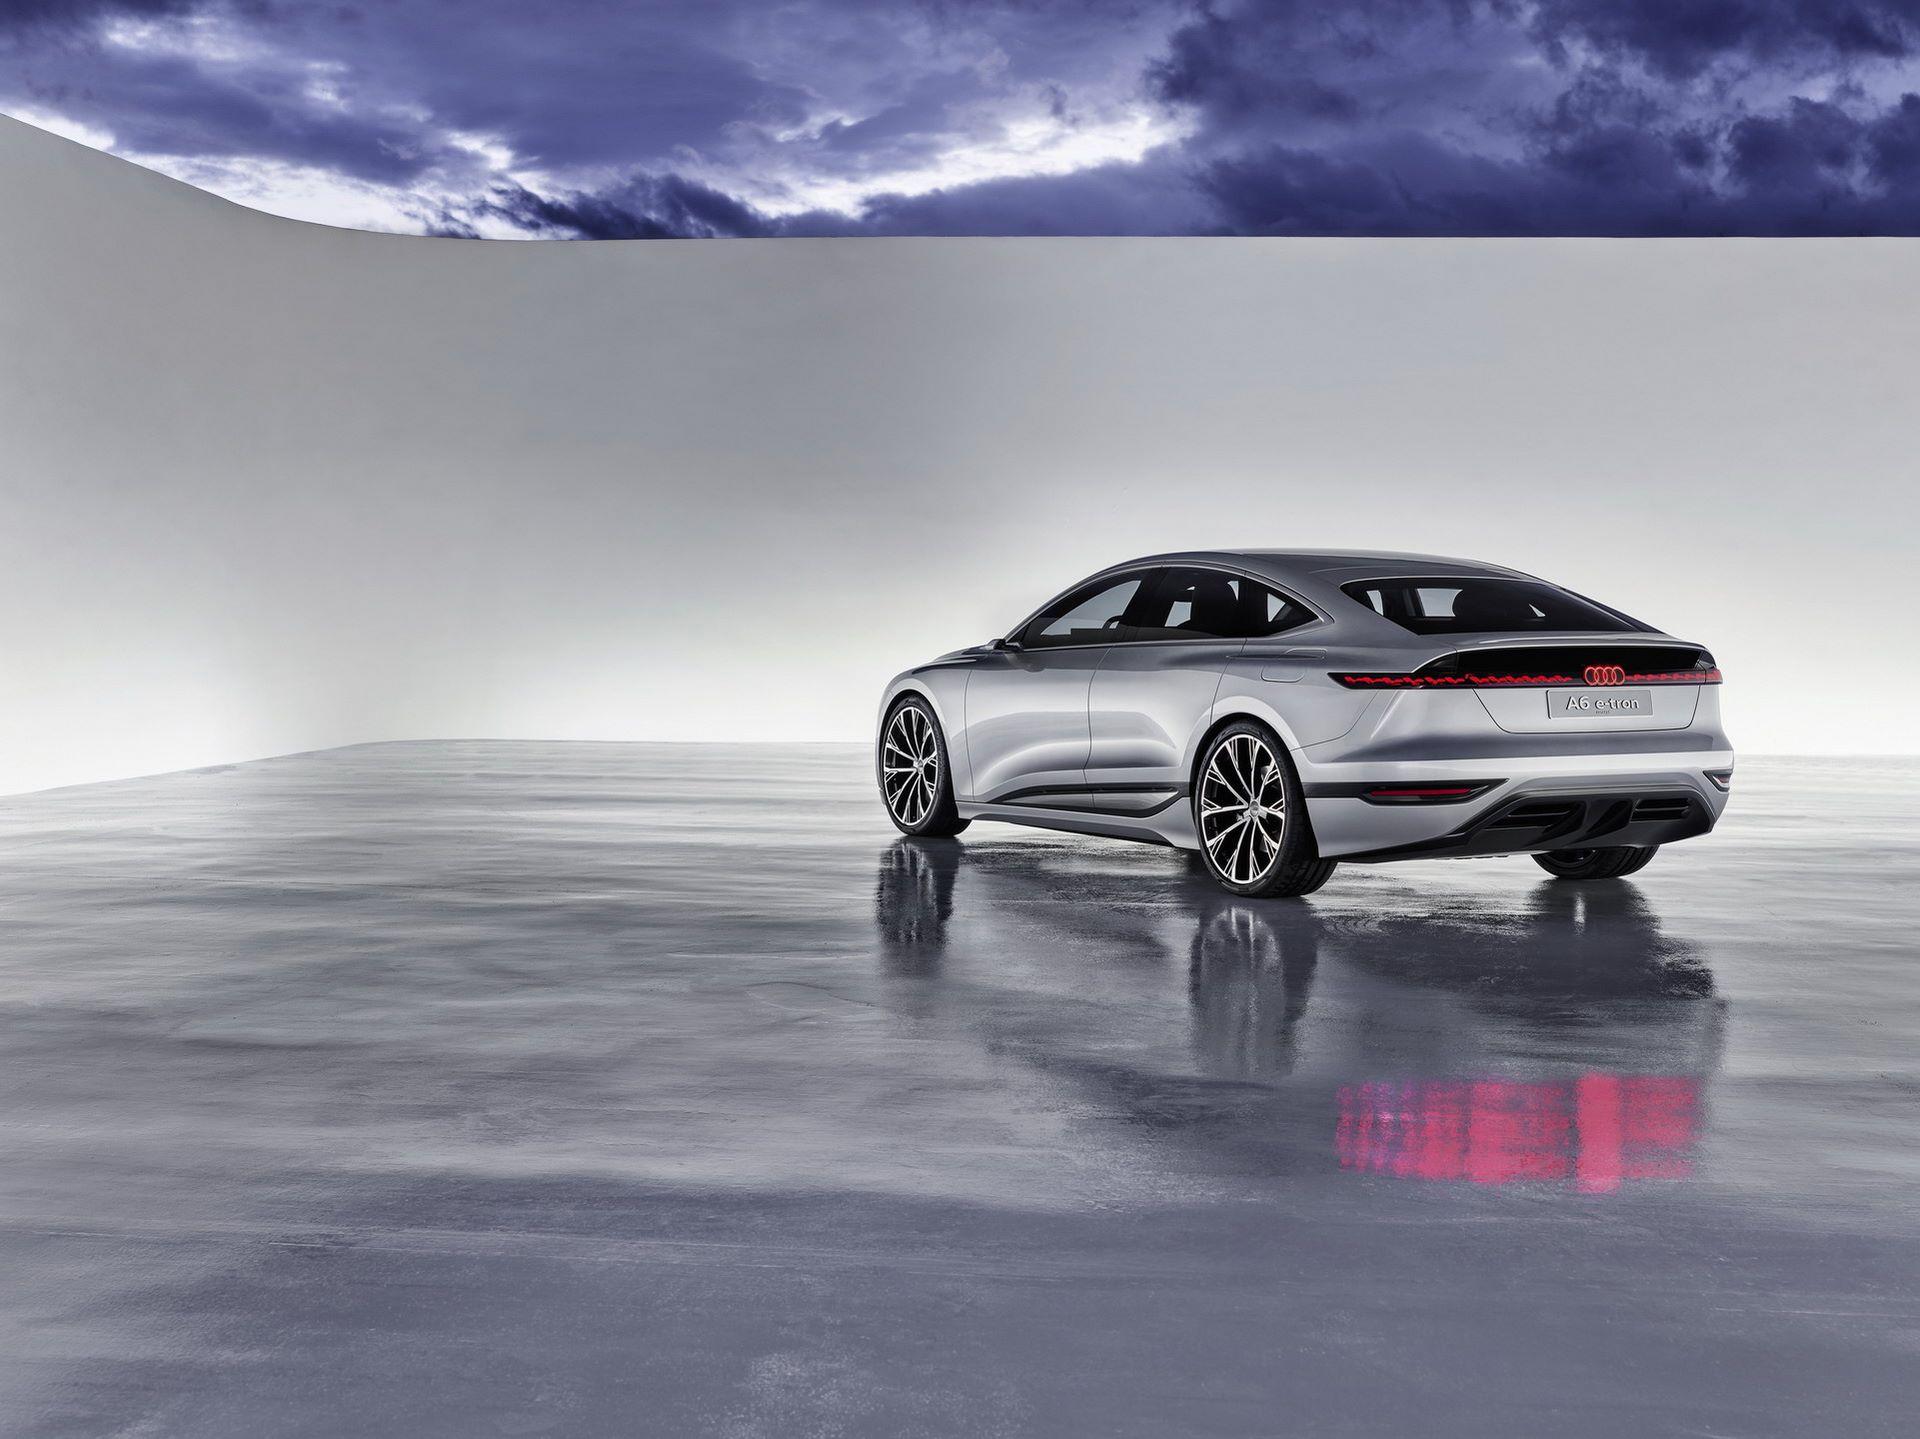 Audi-A6-e-tron-concept-21